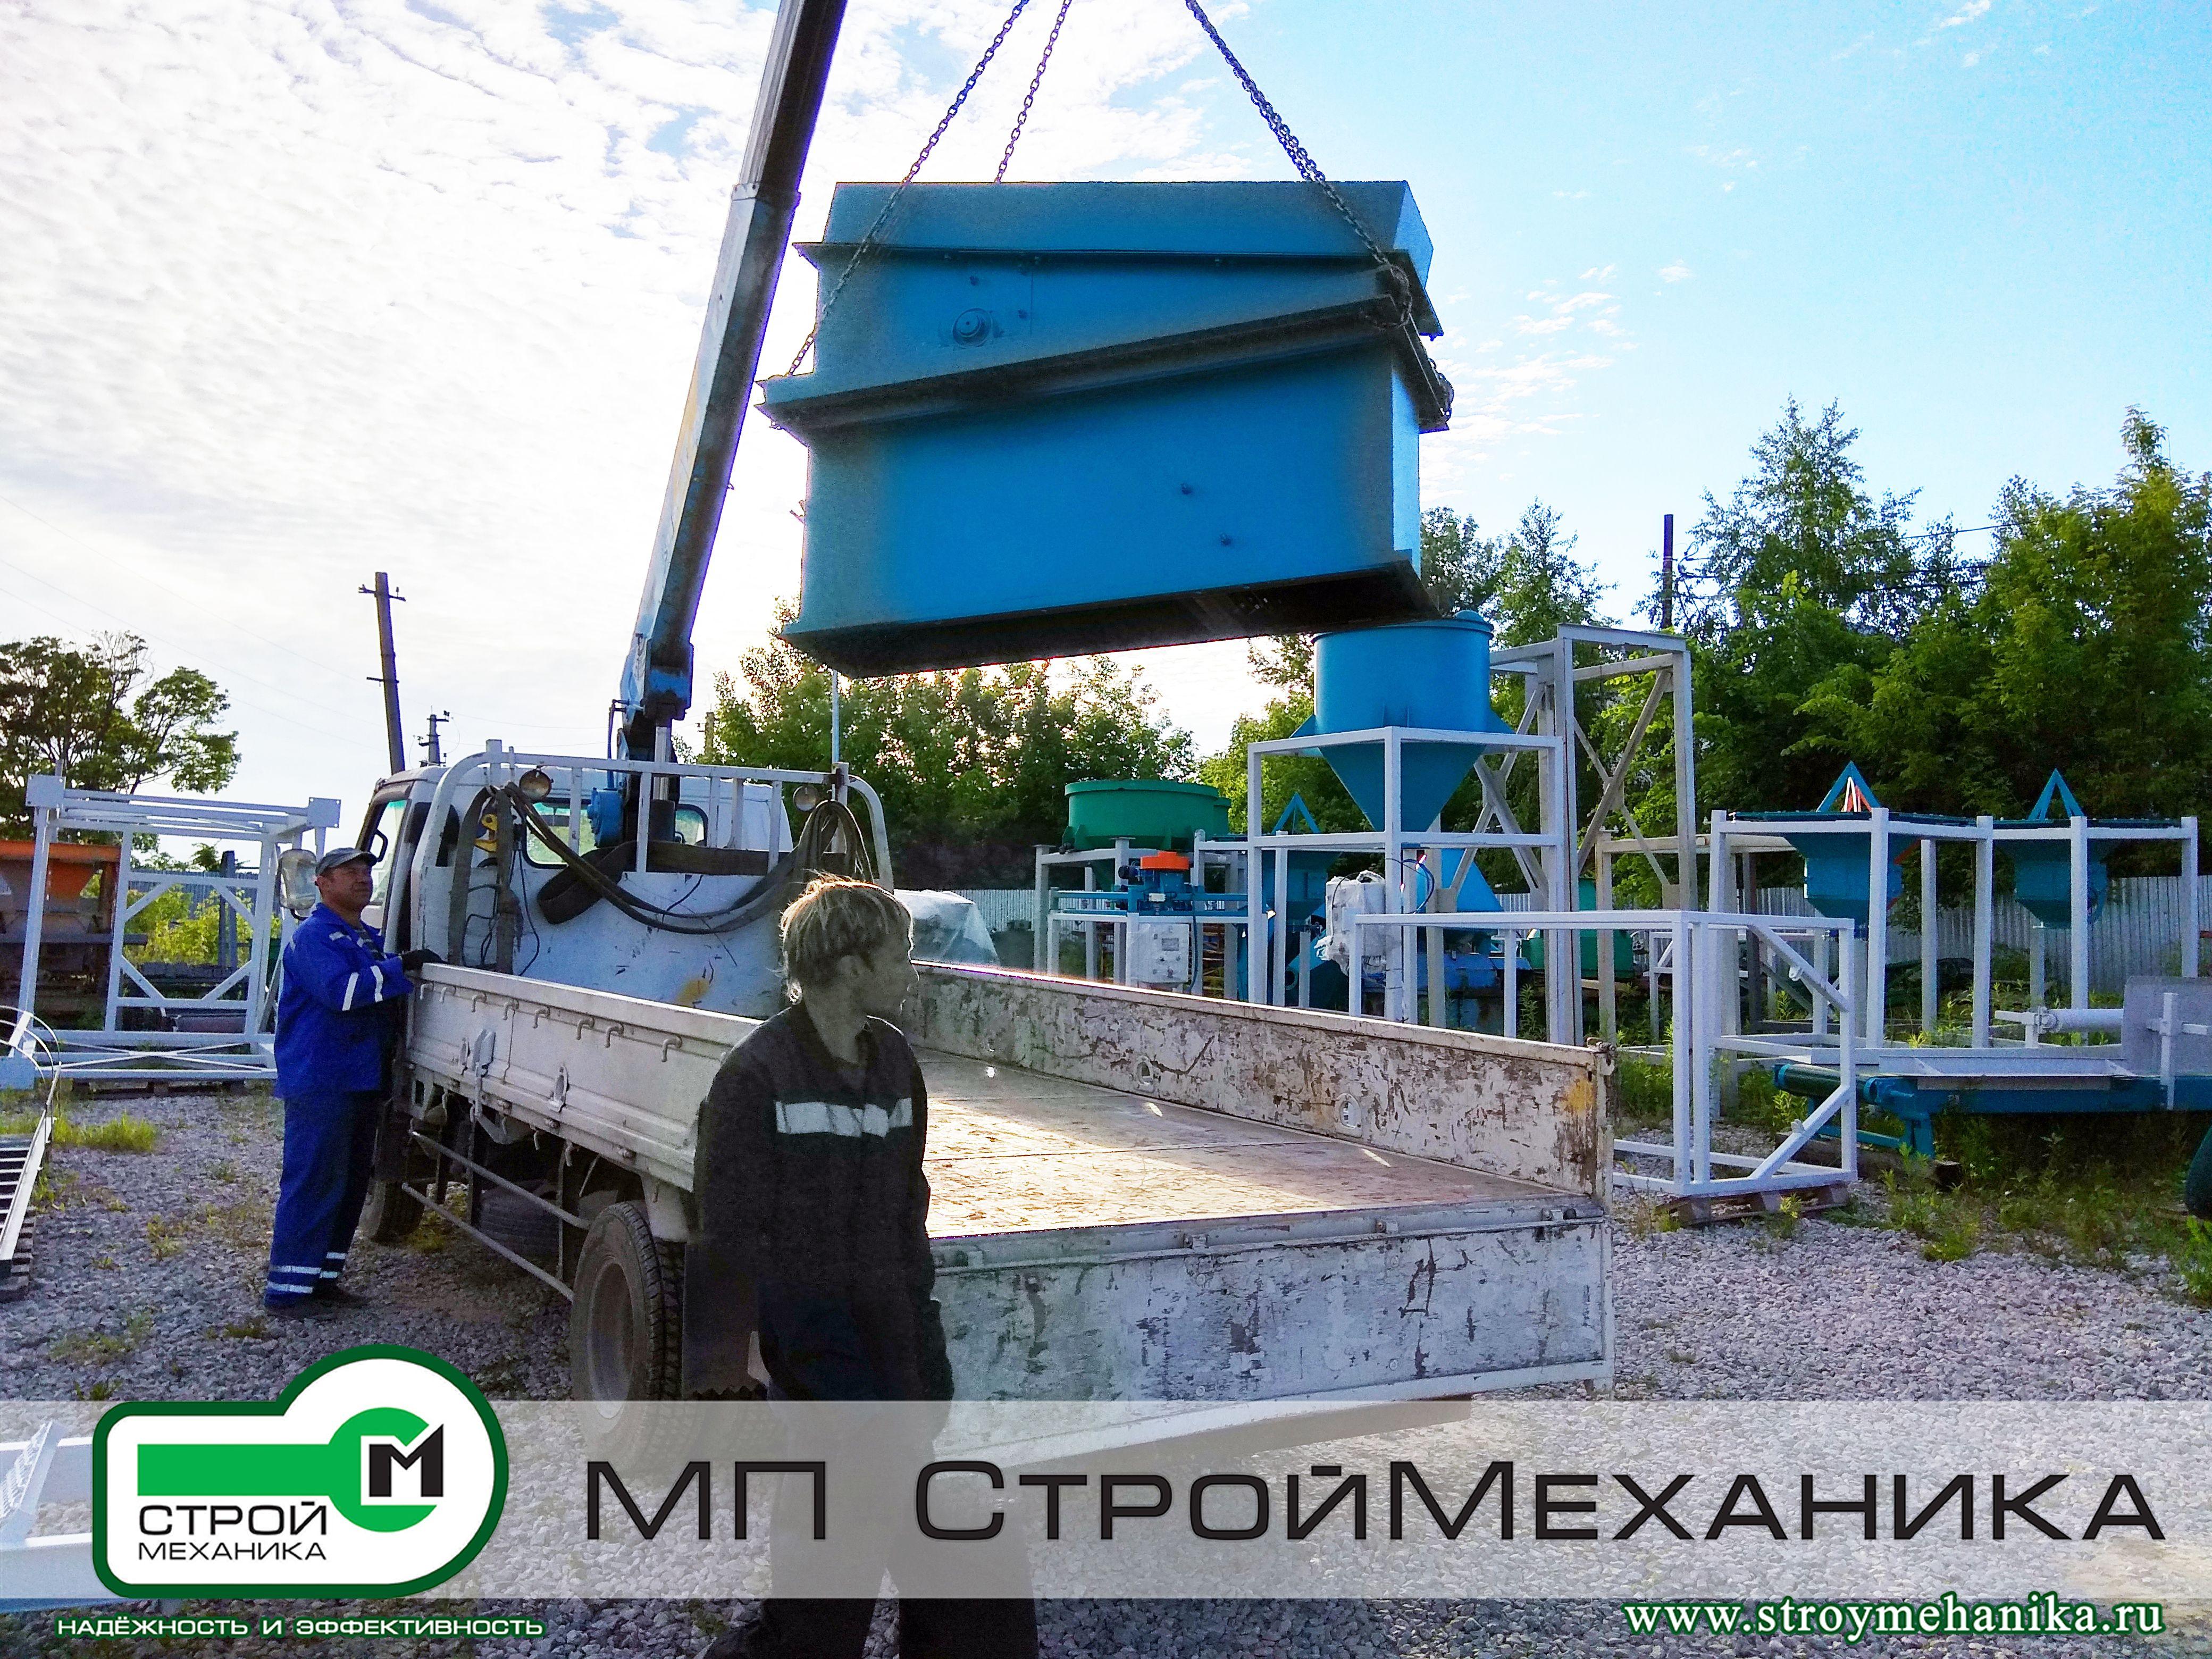 Монтаж элеватора ковшового купить чехлы на авто фольксваген транспортер